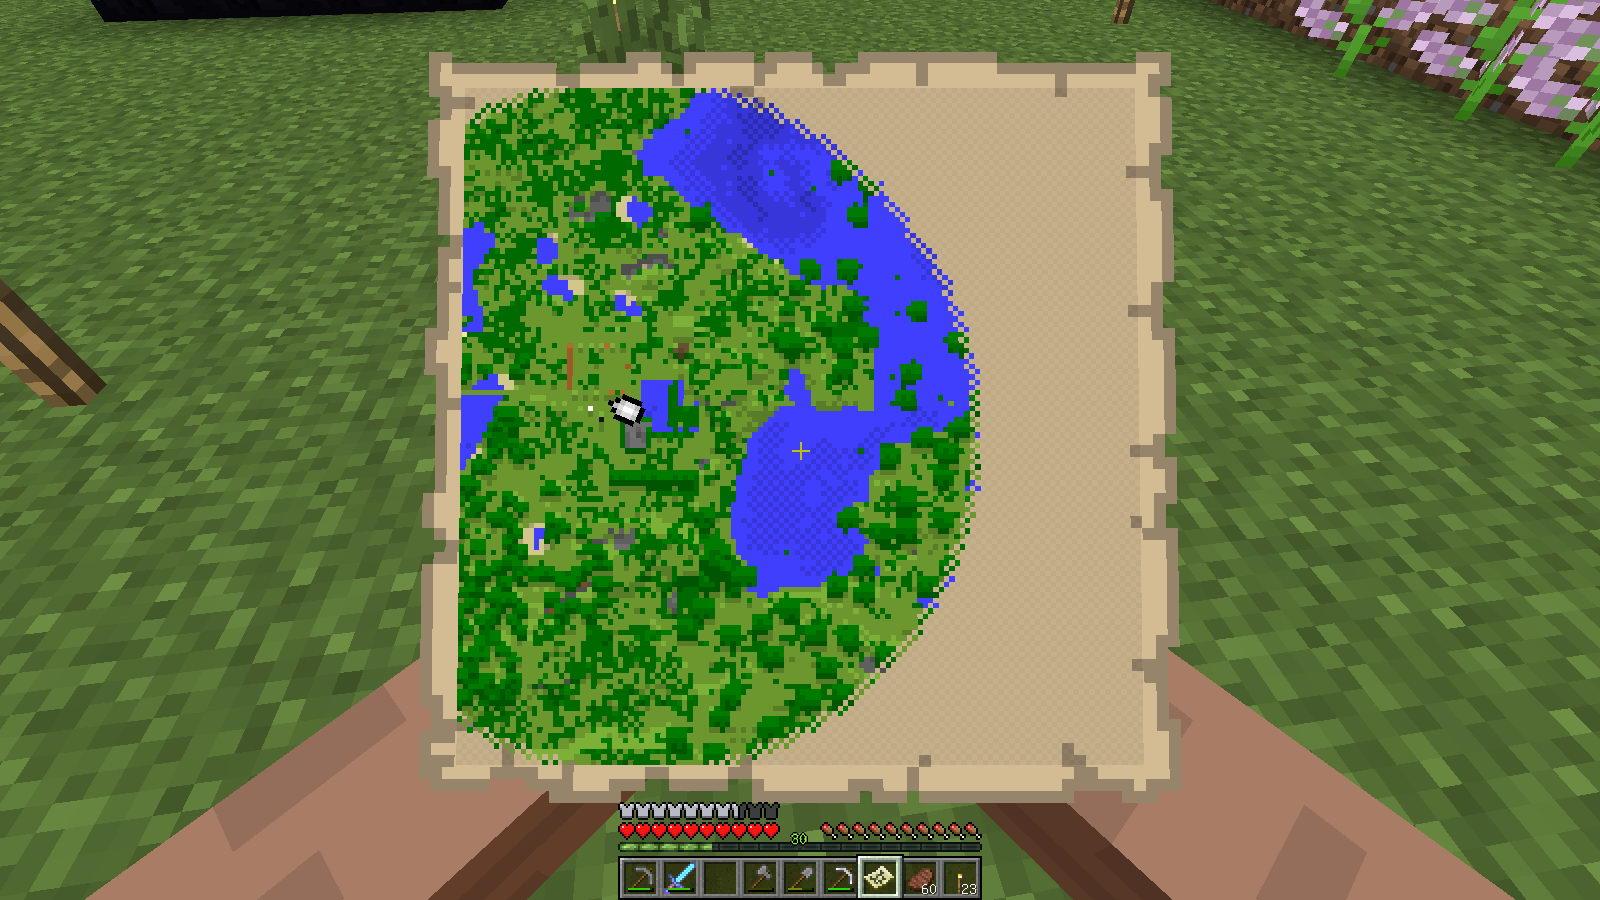 как сделать карту в майнкрафт всего мира #3